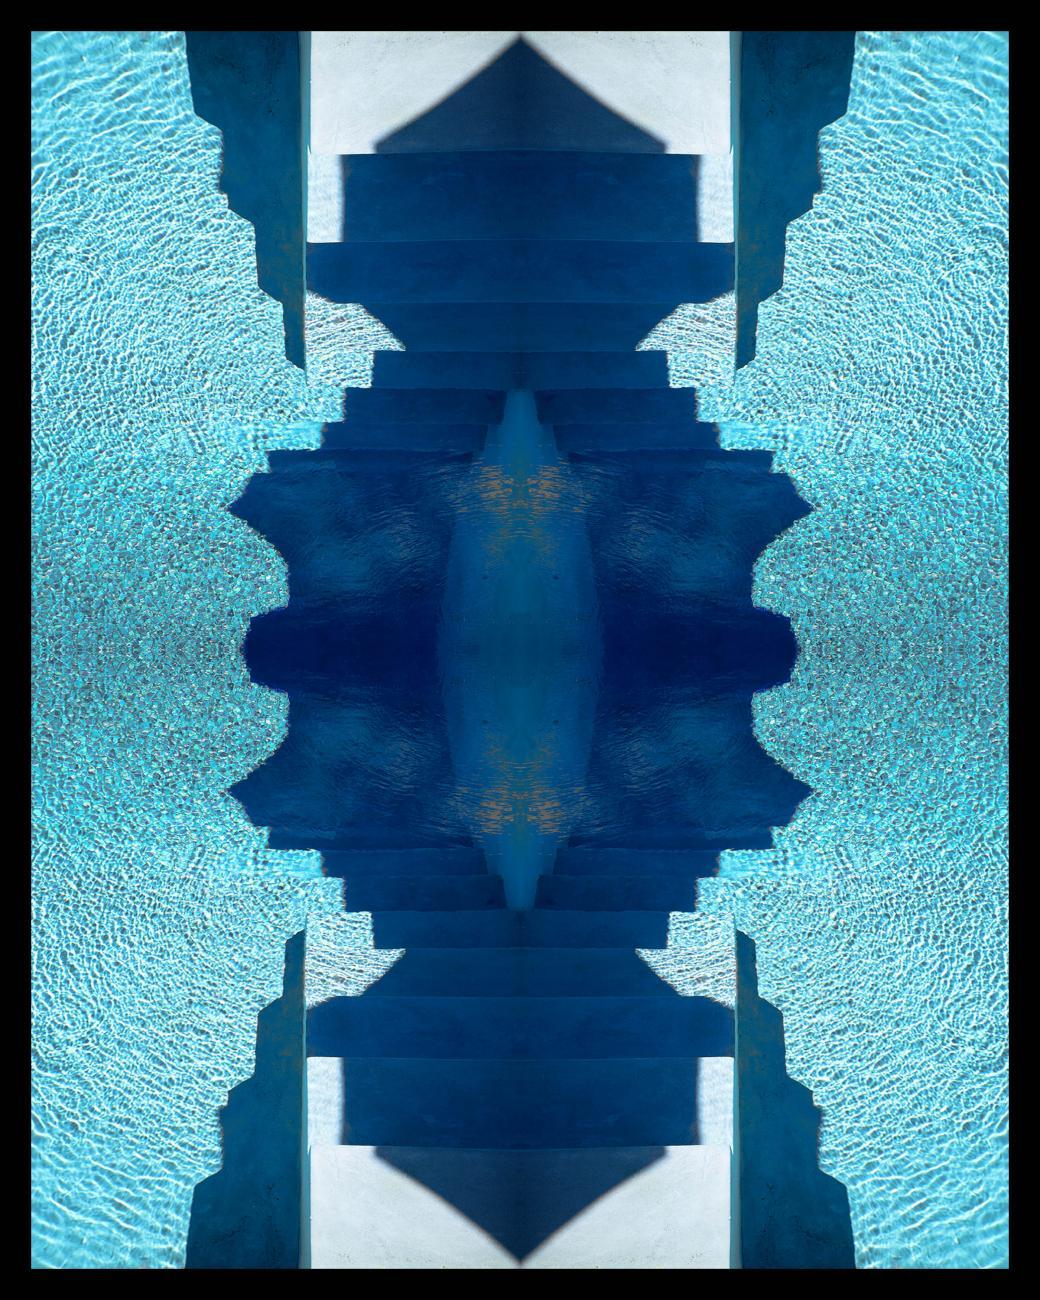 indigopoolmirror1.BB.jpg